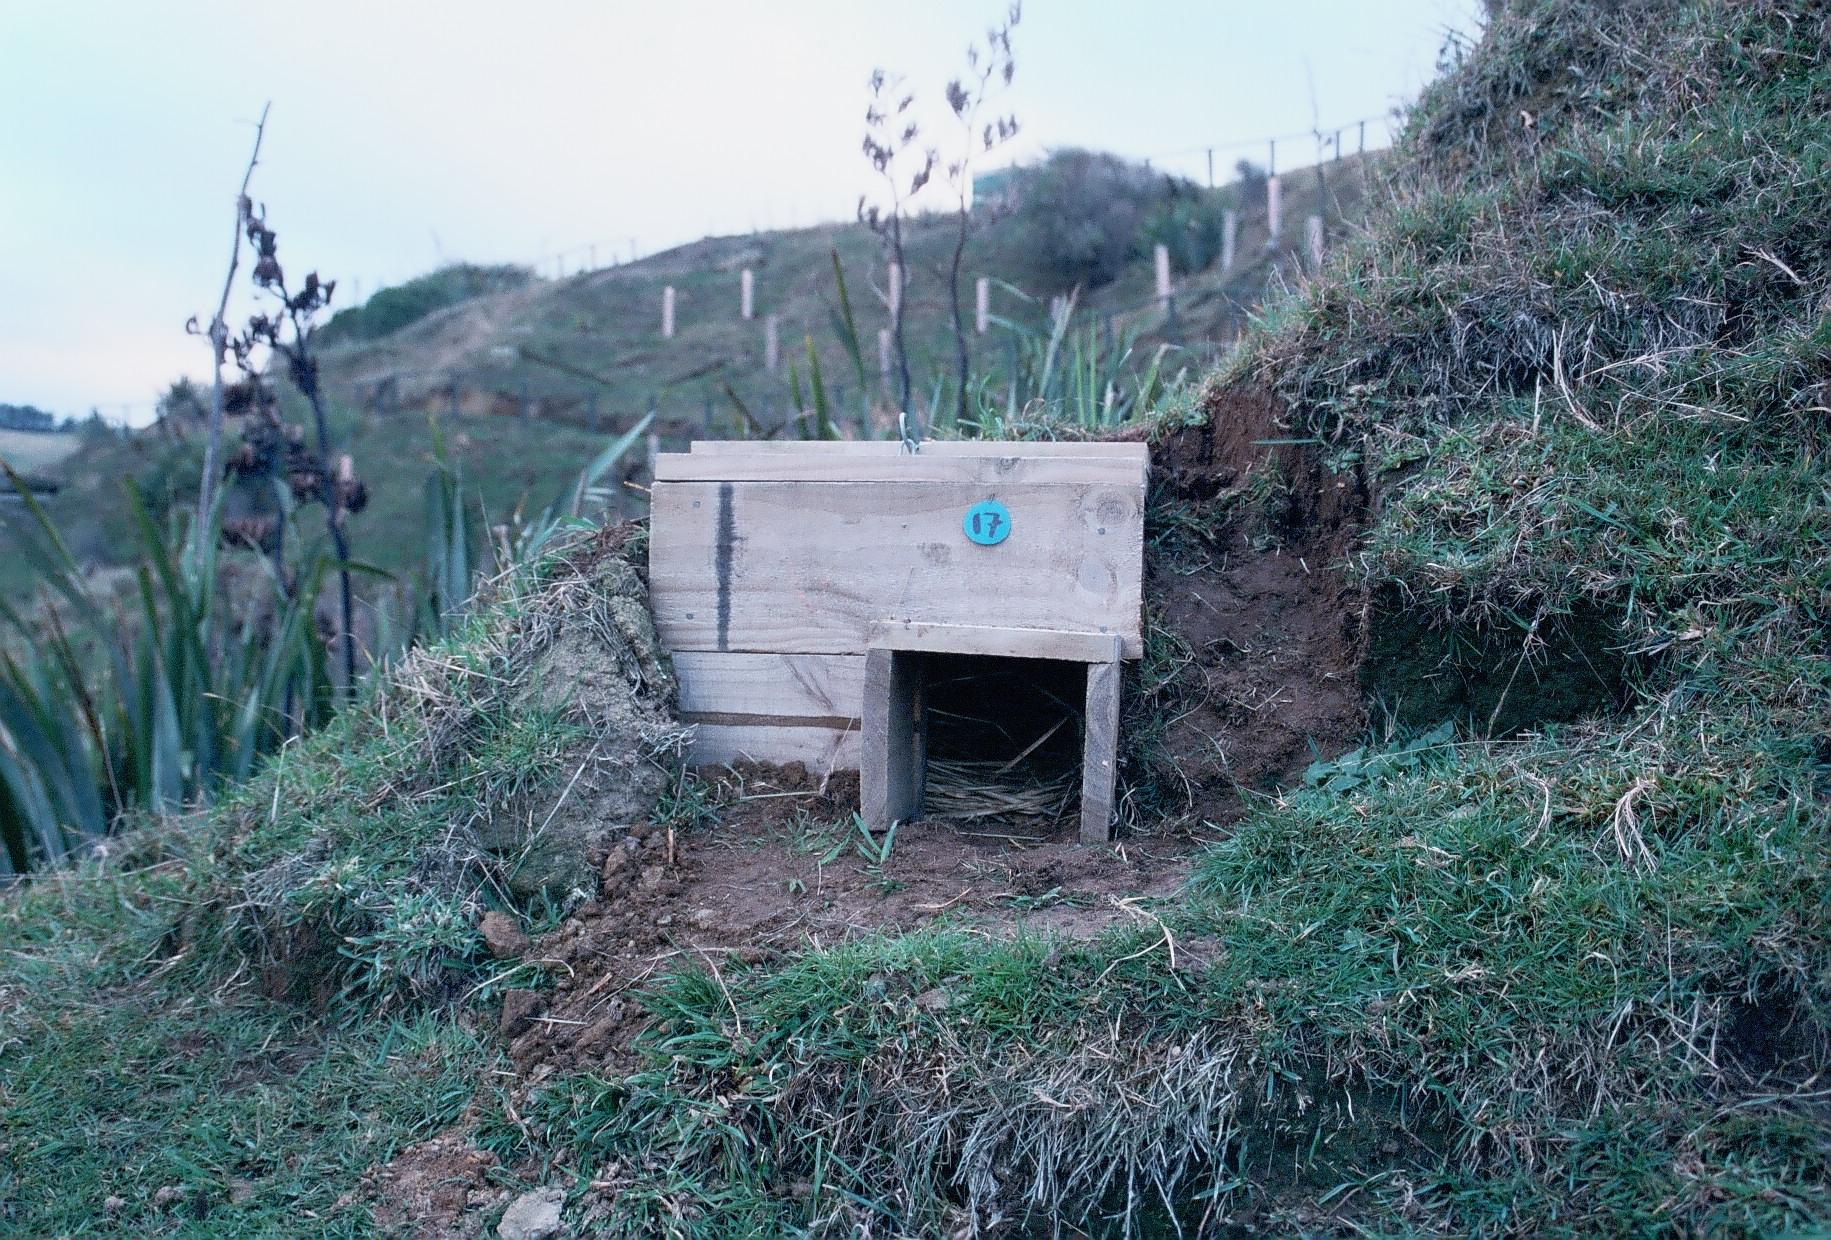 Penguin bungalow